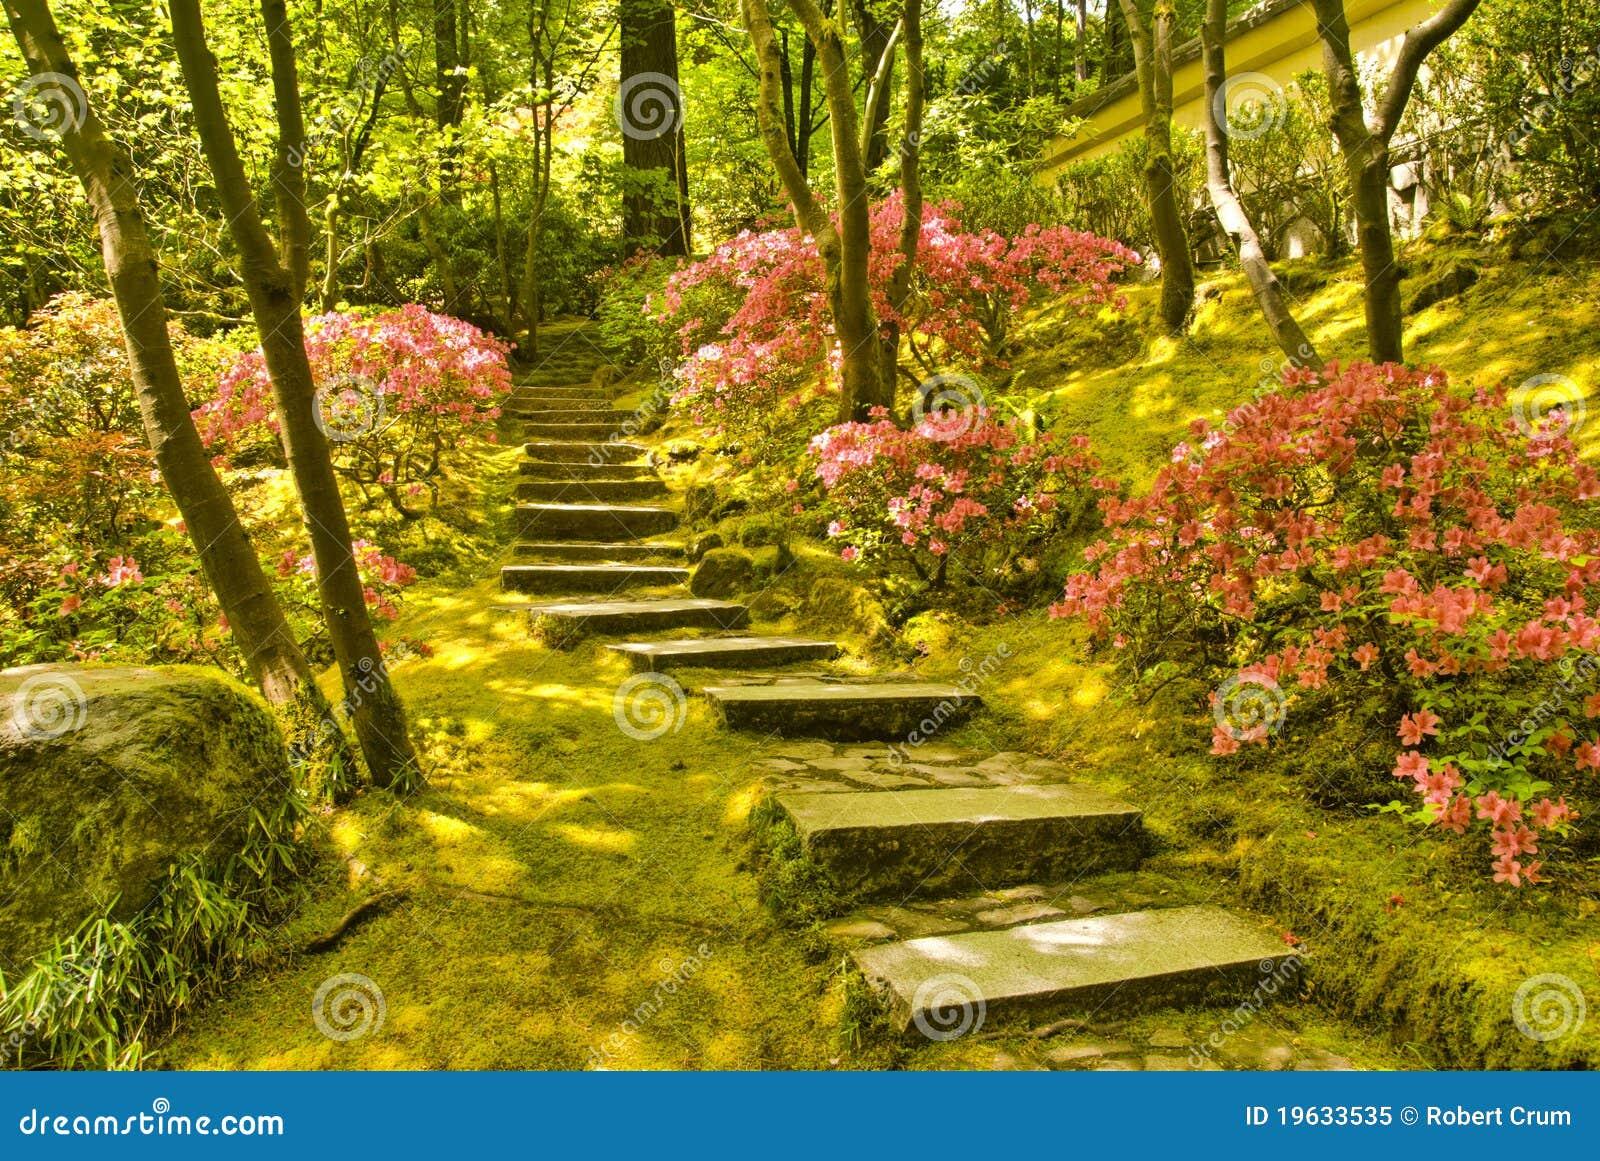 escadas rusticas jardins : escadas rusticas jardins:Stairway de pedra rústico no jardim japonês de Portland Oregon.